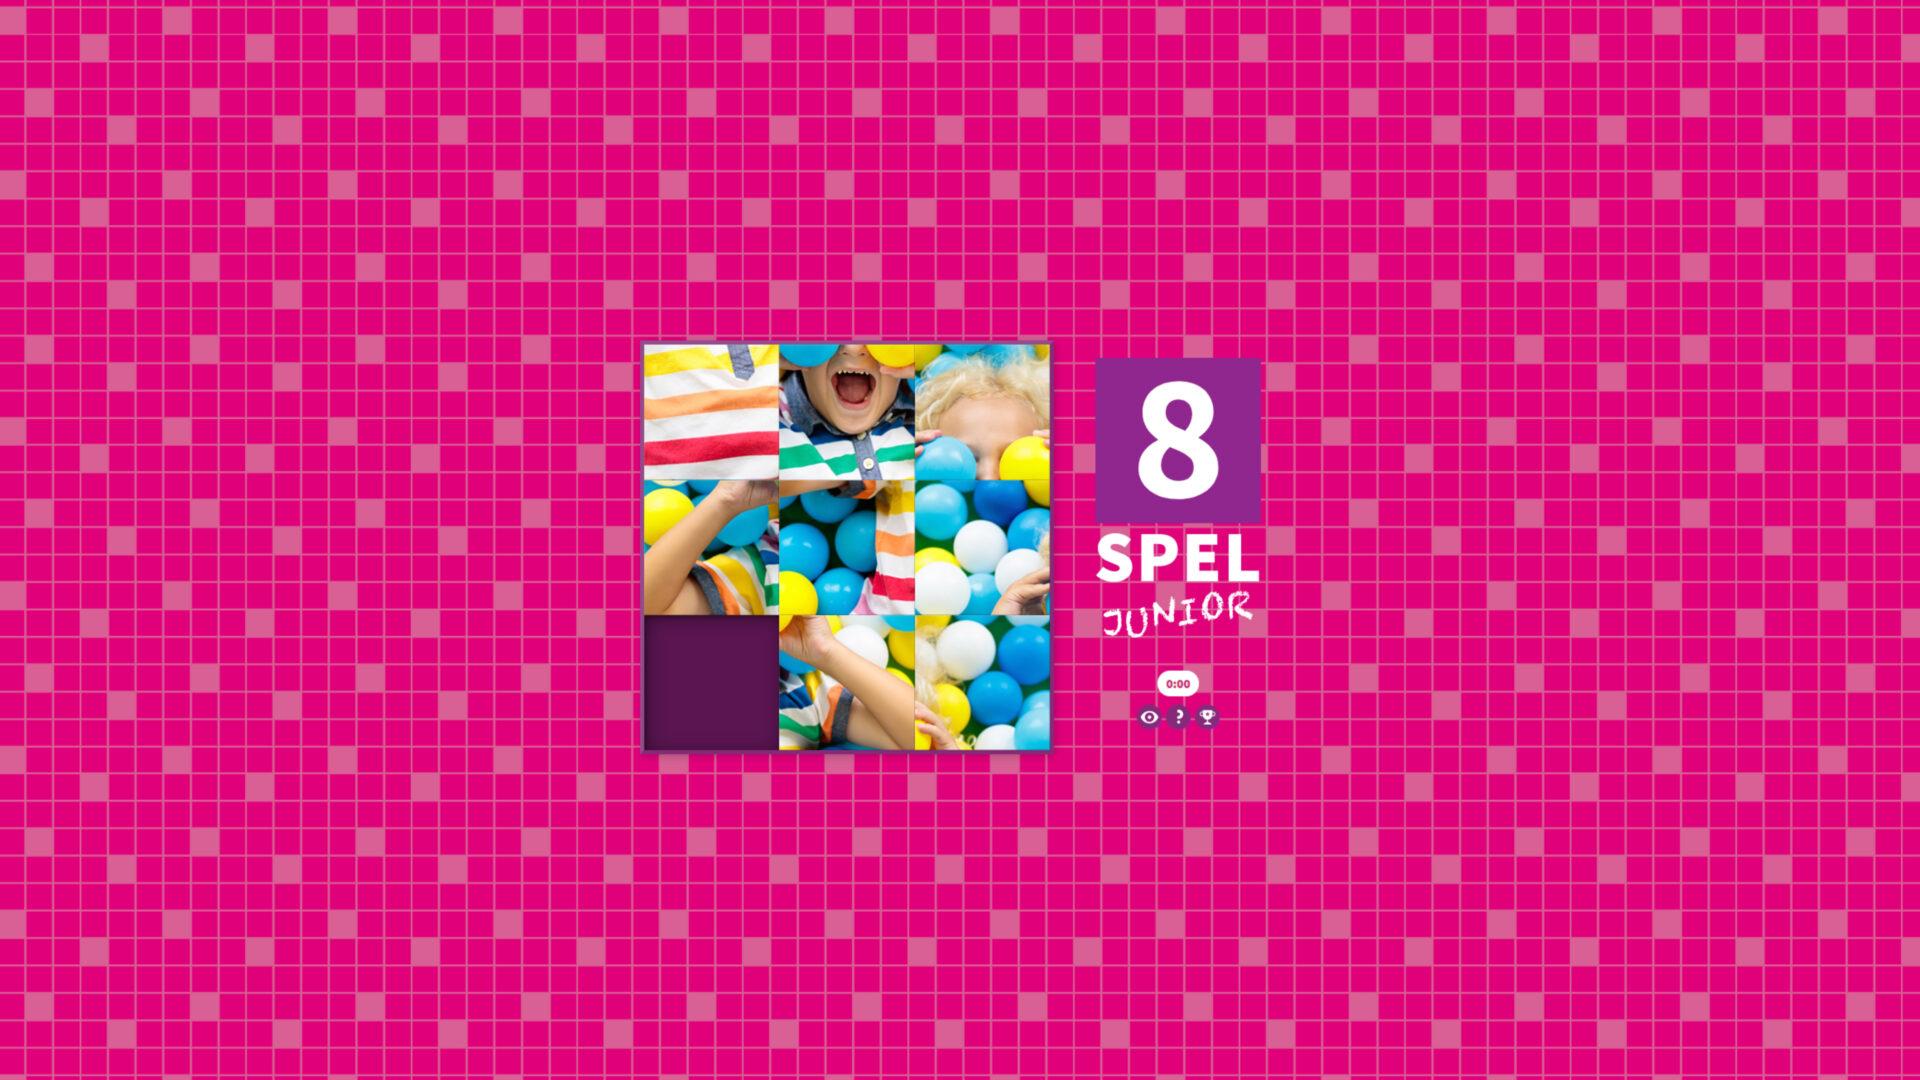 8 SPEL